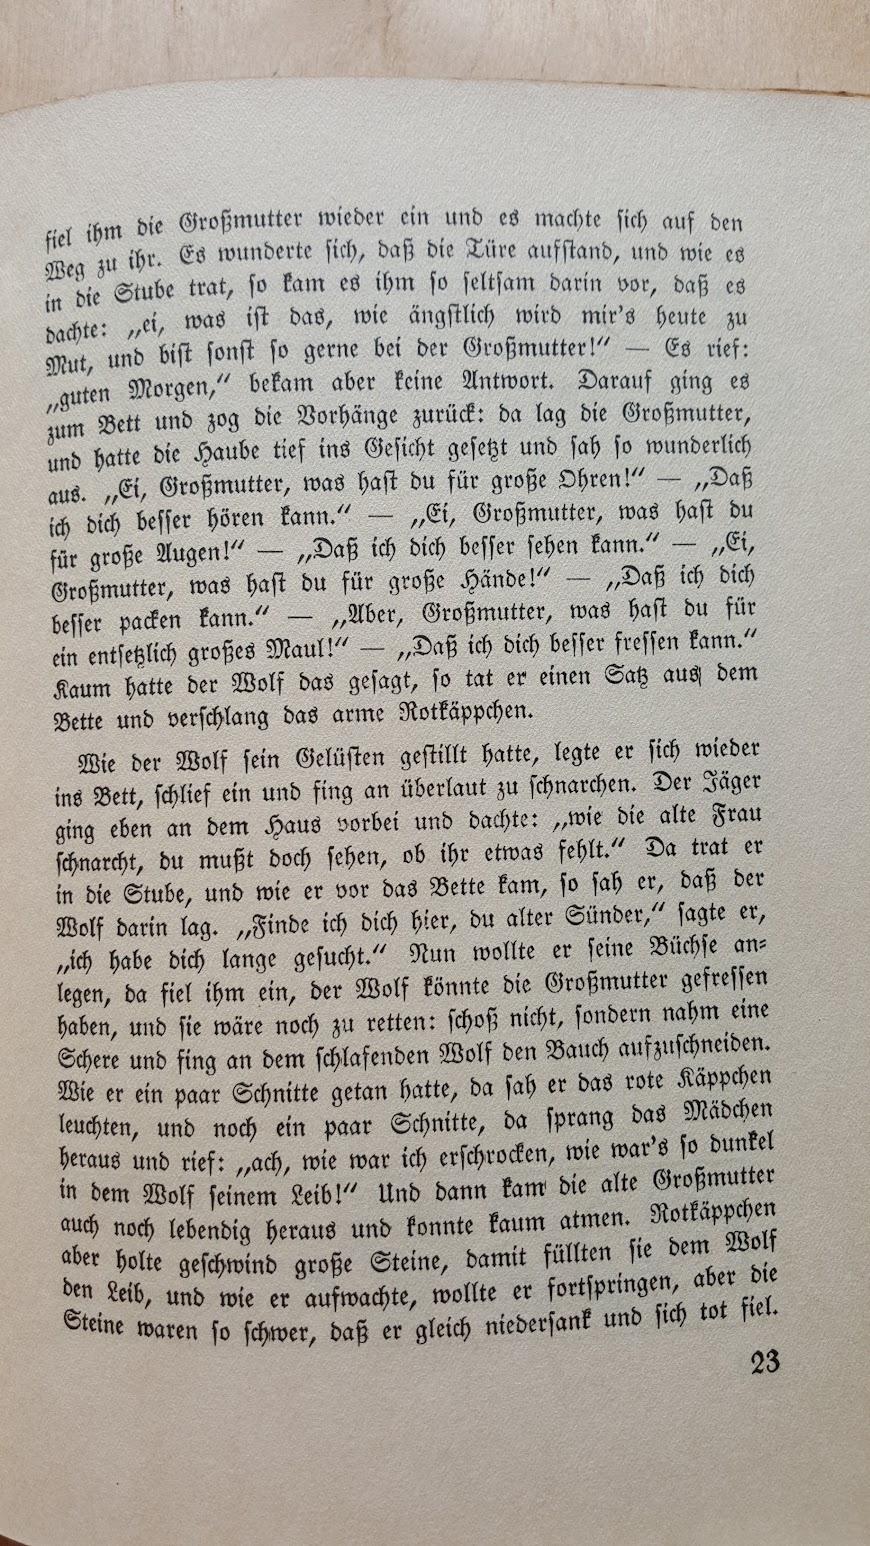 Deutsche Märchen und ihr Deutung, Ein Volksbuch aus der Nazizeit, 1934 - Rotkäppchen